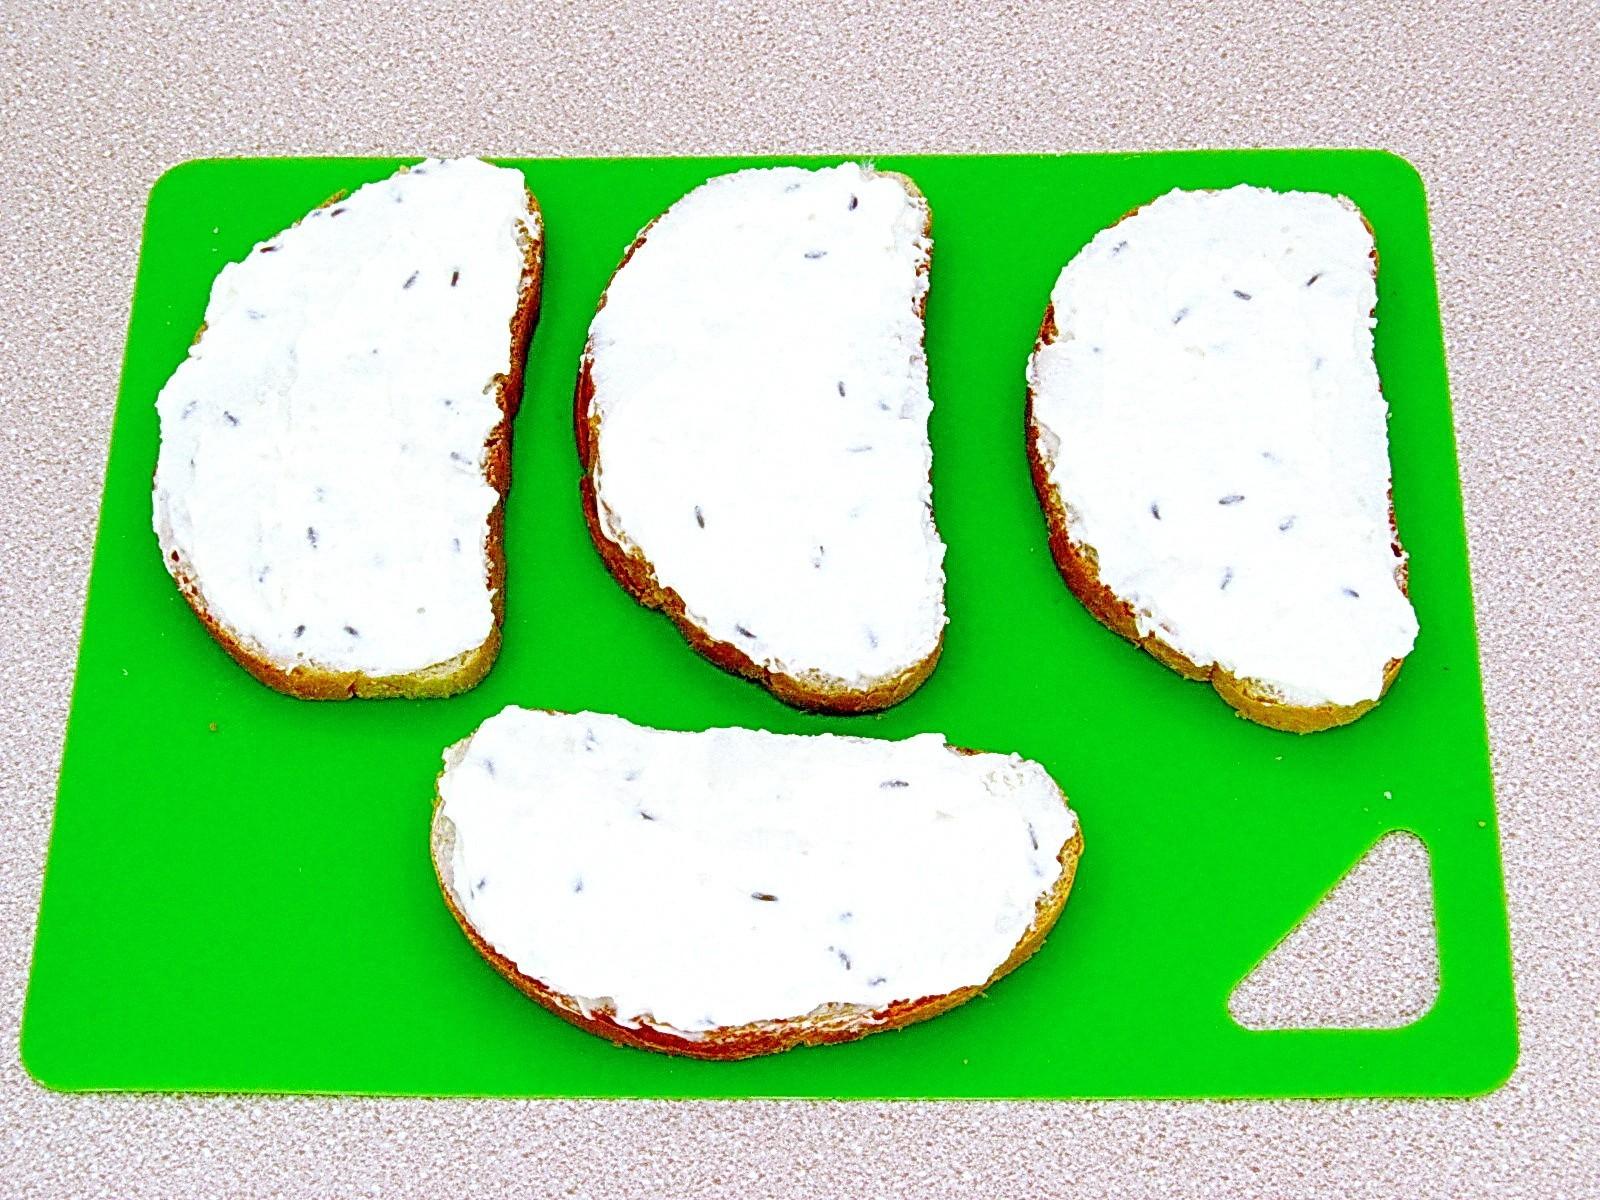 Горячие бутерброды с творогом и тмином: Намазать хлеб начинкой